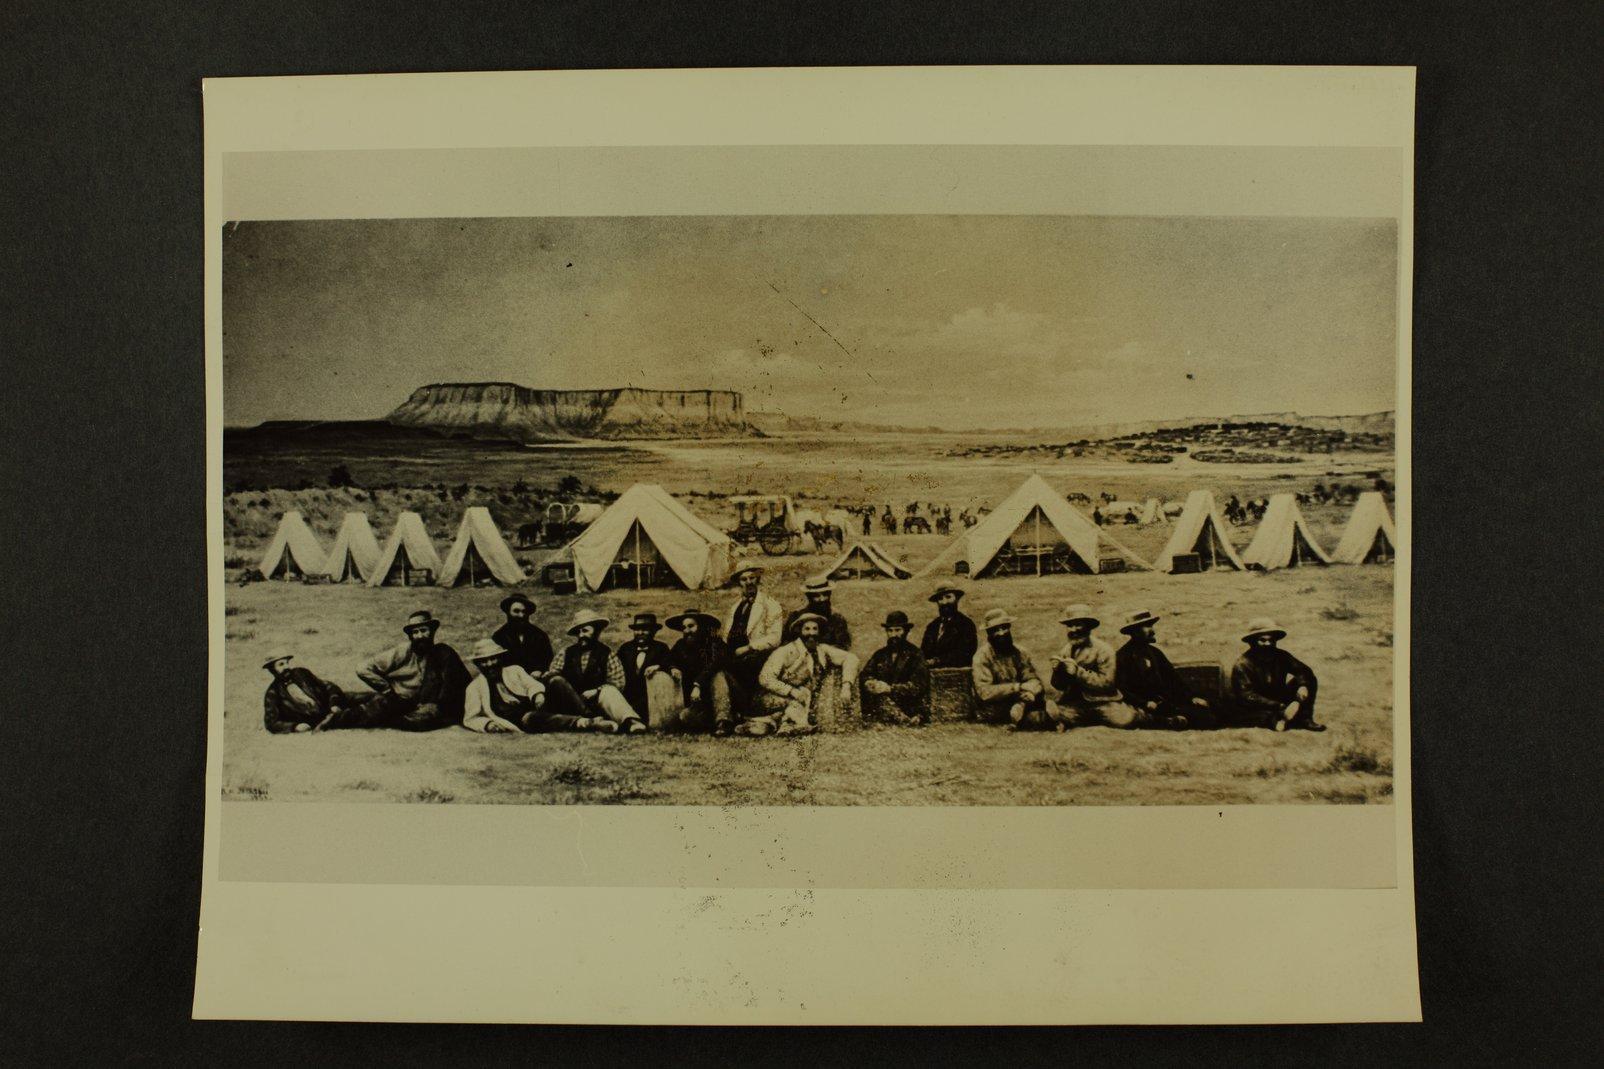 Robert Taft photography research notes - 17